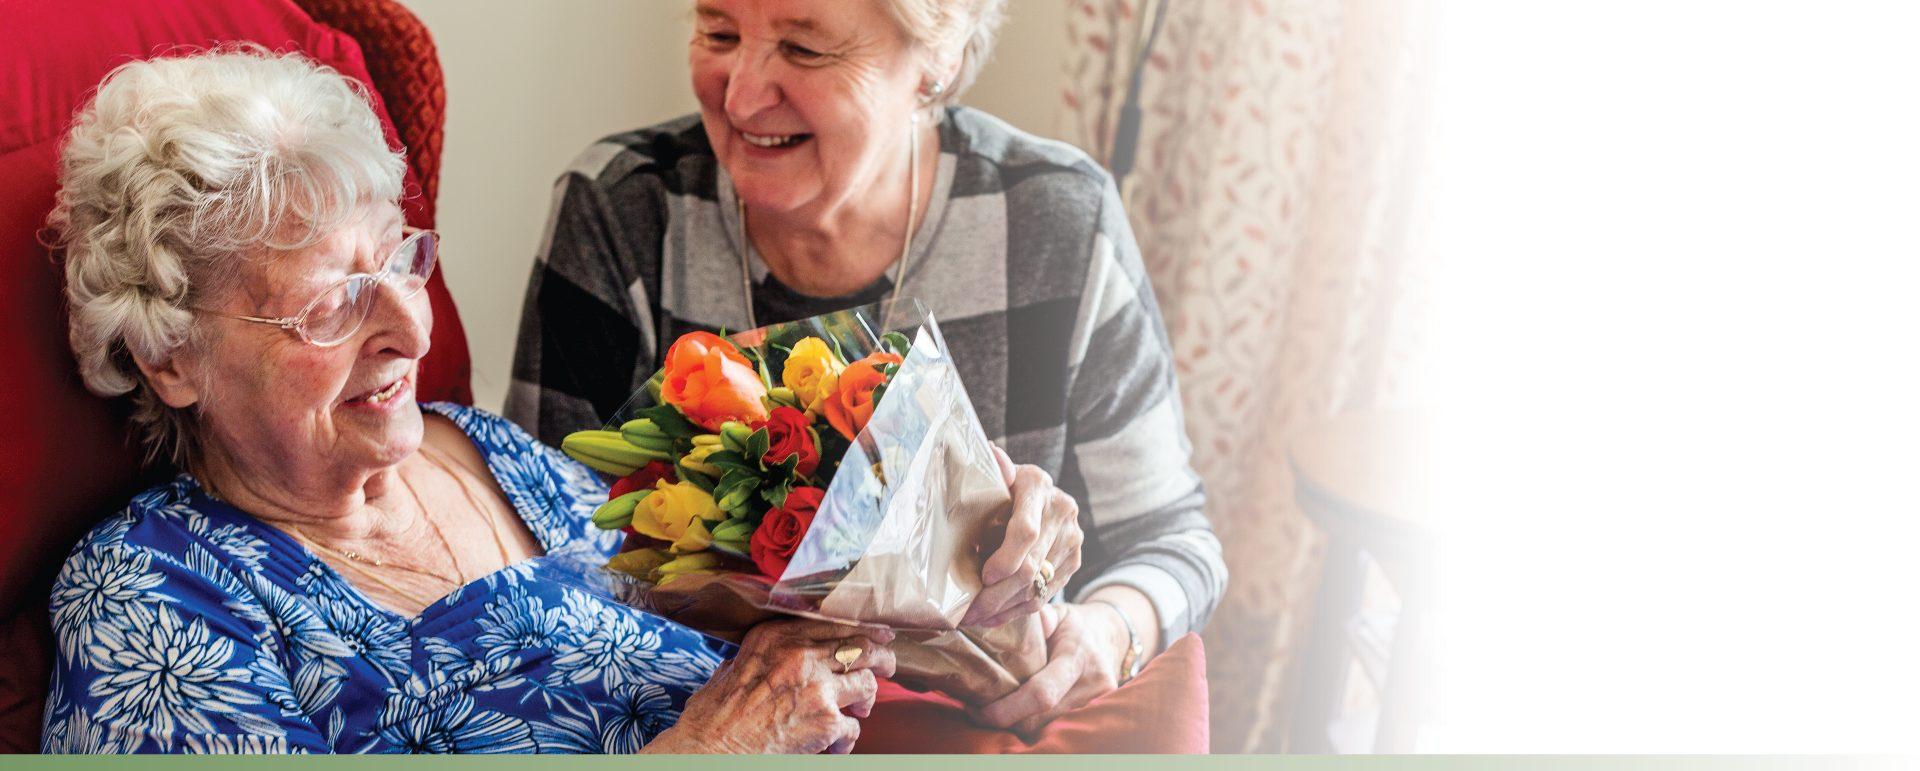 Camaraderie Senior Living